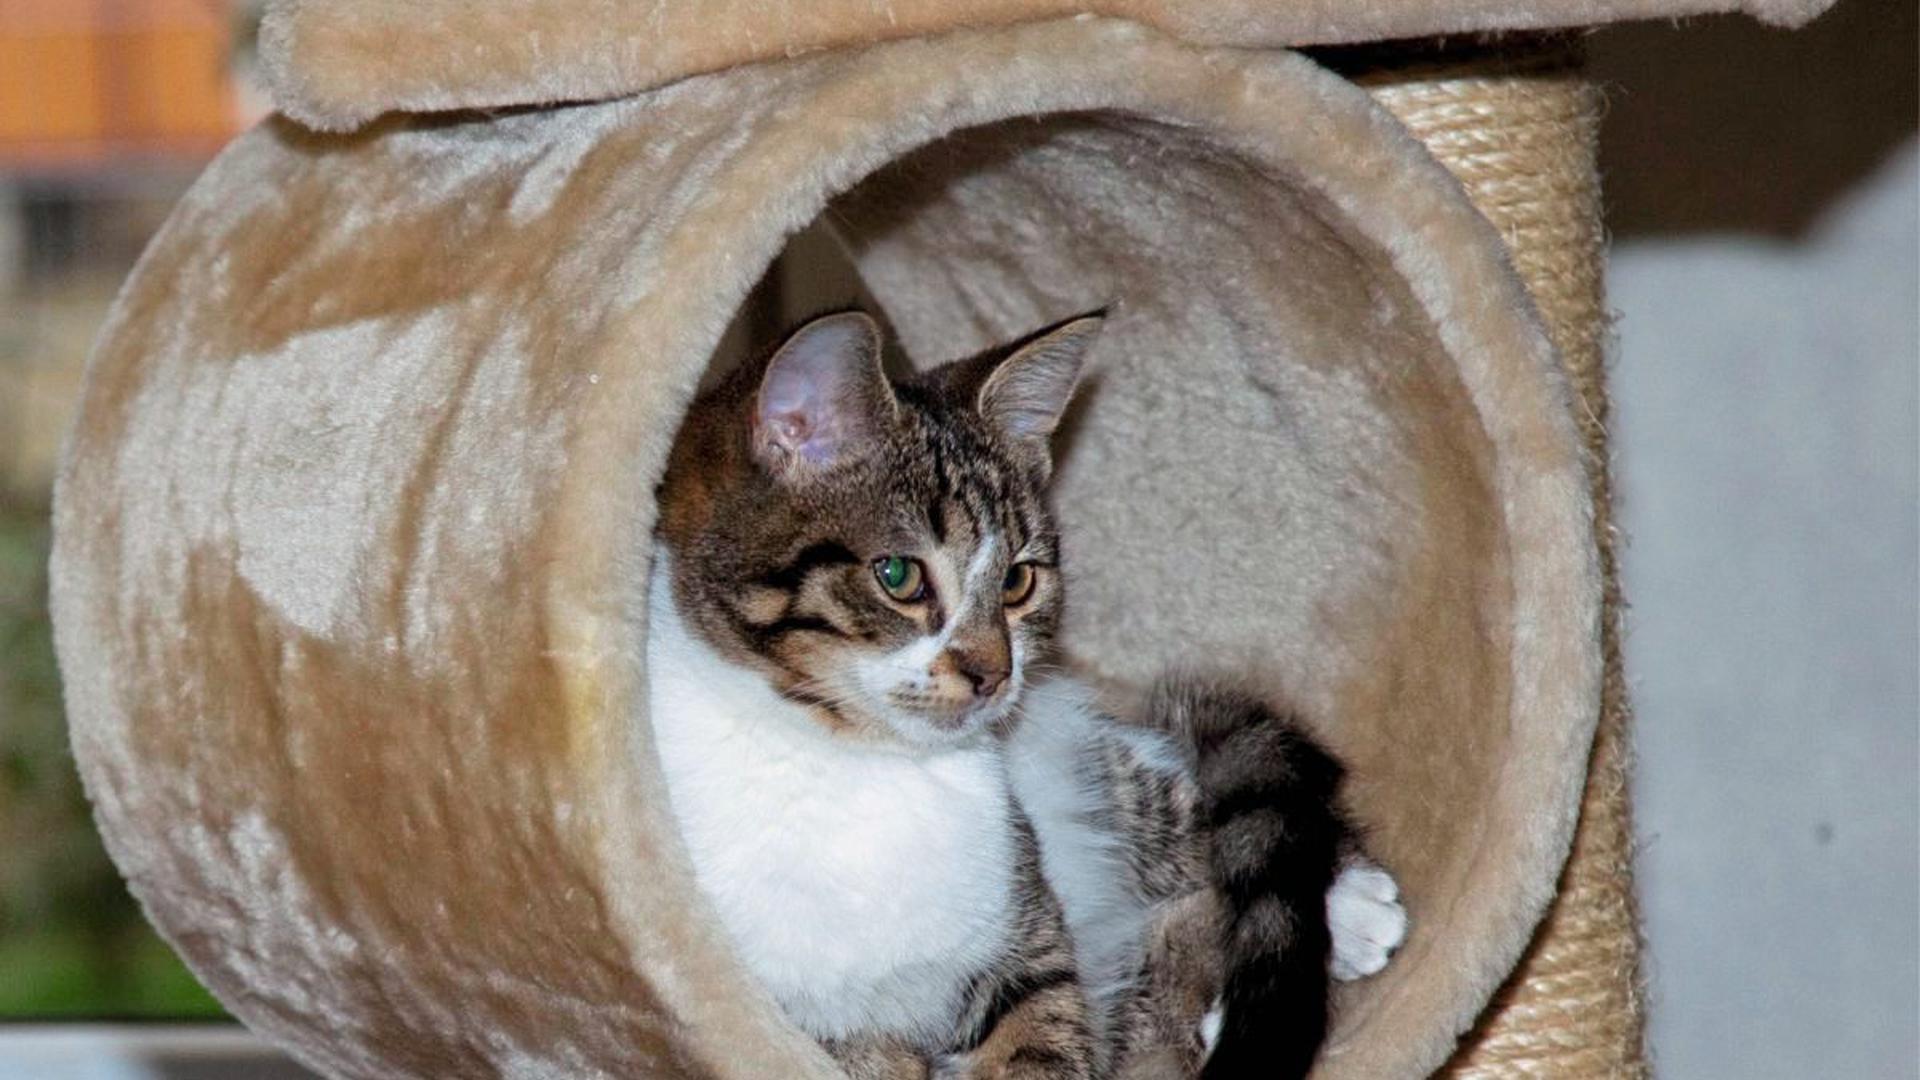 Wohlauf: Den Katzen des Tierschutzvereins in Achern geht es gut. Aber die Auffangstation wurde für die Öffentlichkeit vorübergehend geschlossen.